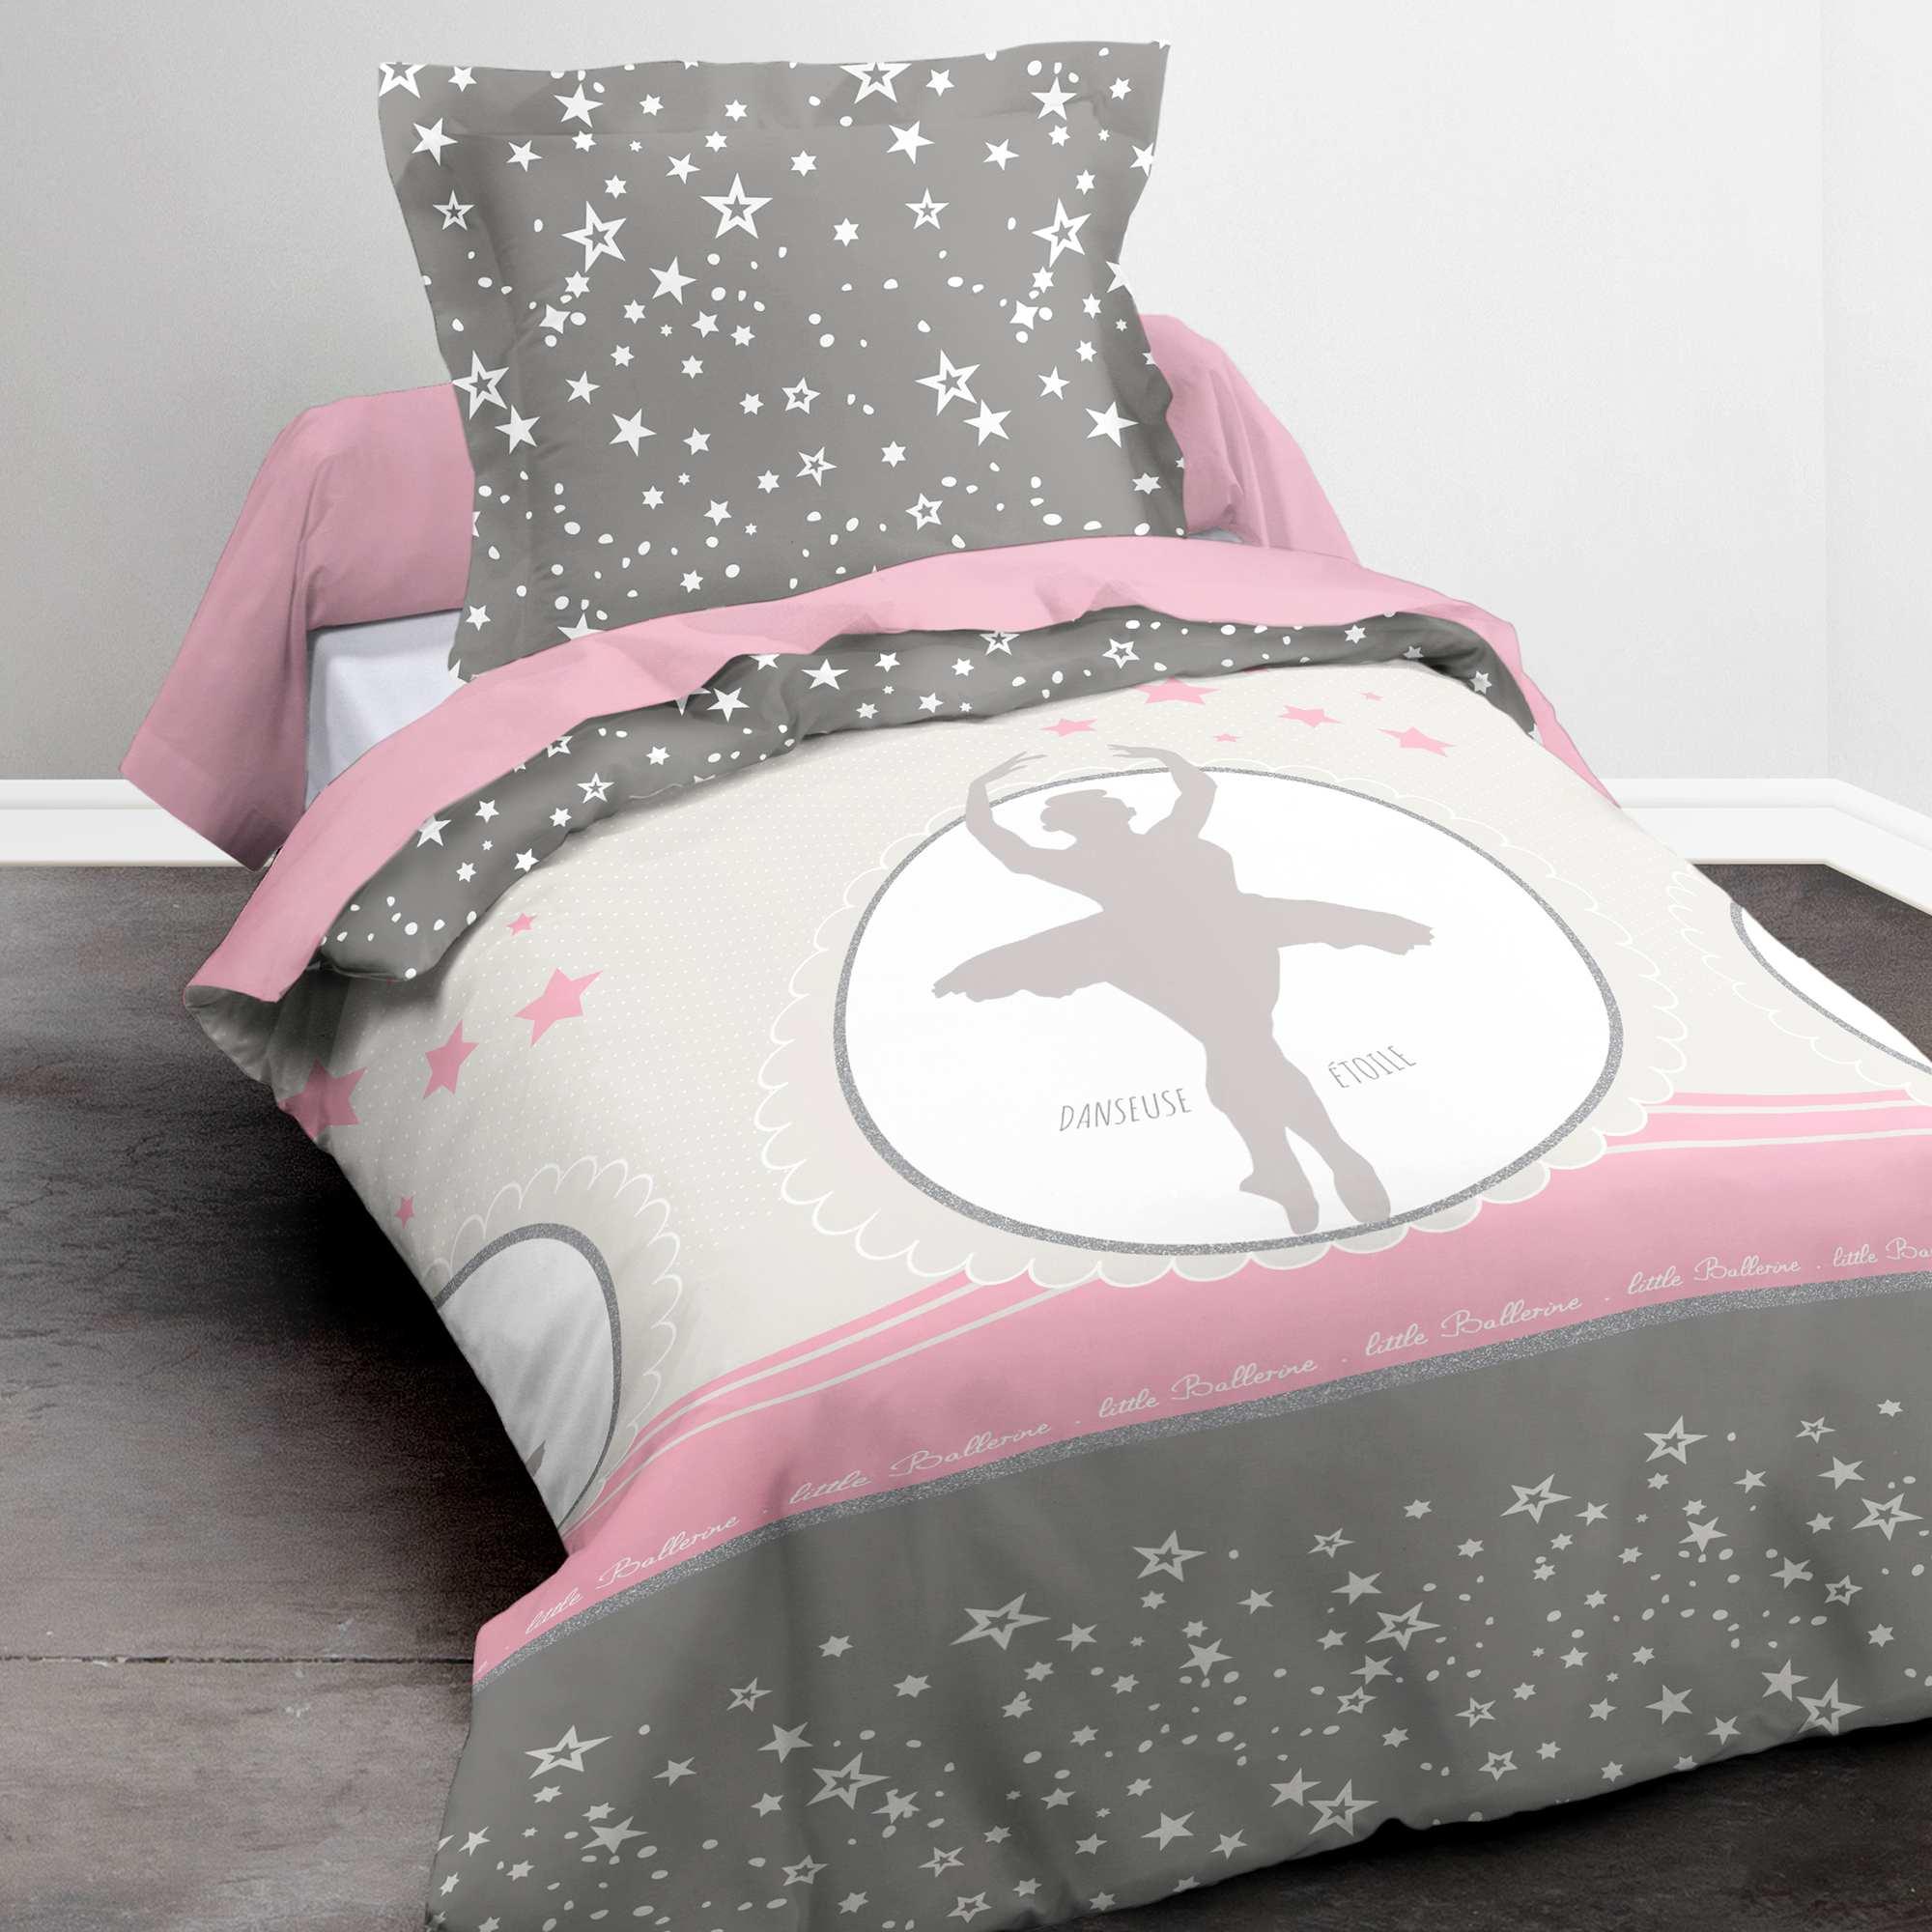 Couleur : gris/rose, , ,, - Taille : 140x200, , ,,Pour des nuits étoilées choisissez cette parure de lit ! - La parure comporte une